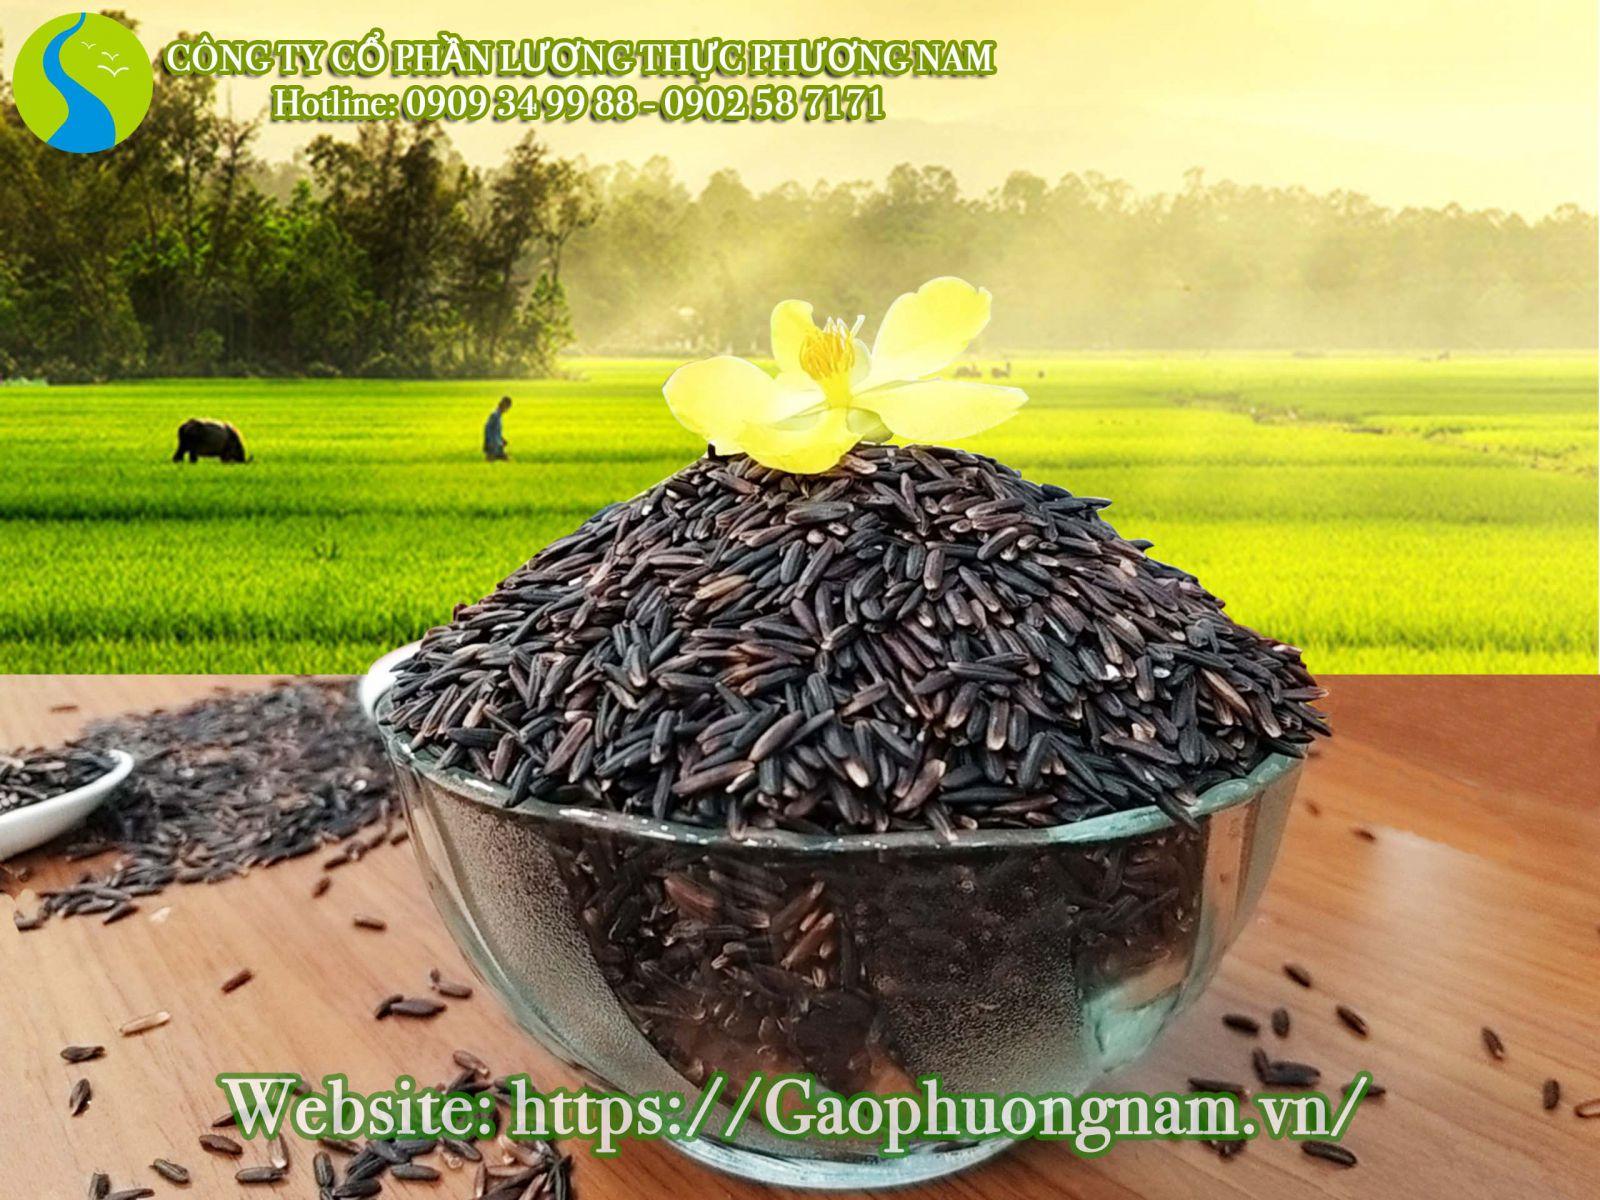 Gạo lứt là cái tên quen thuộc với nhiều người tiêu dùng Việt